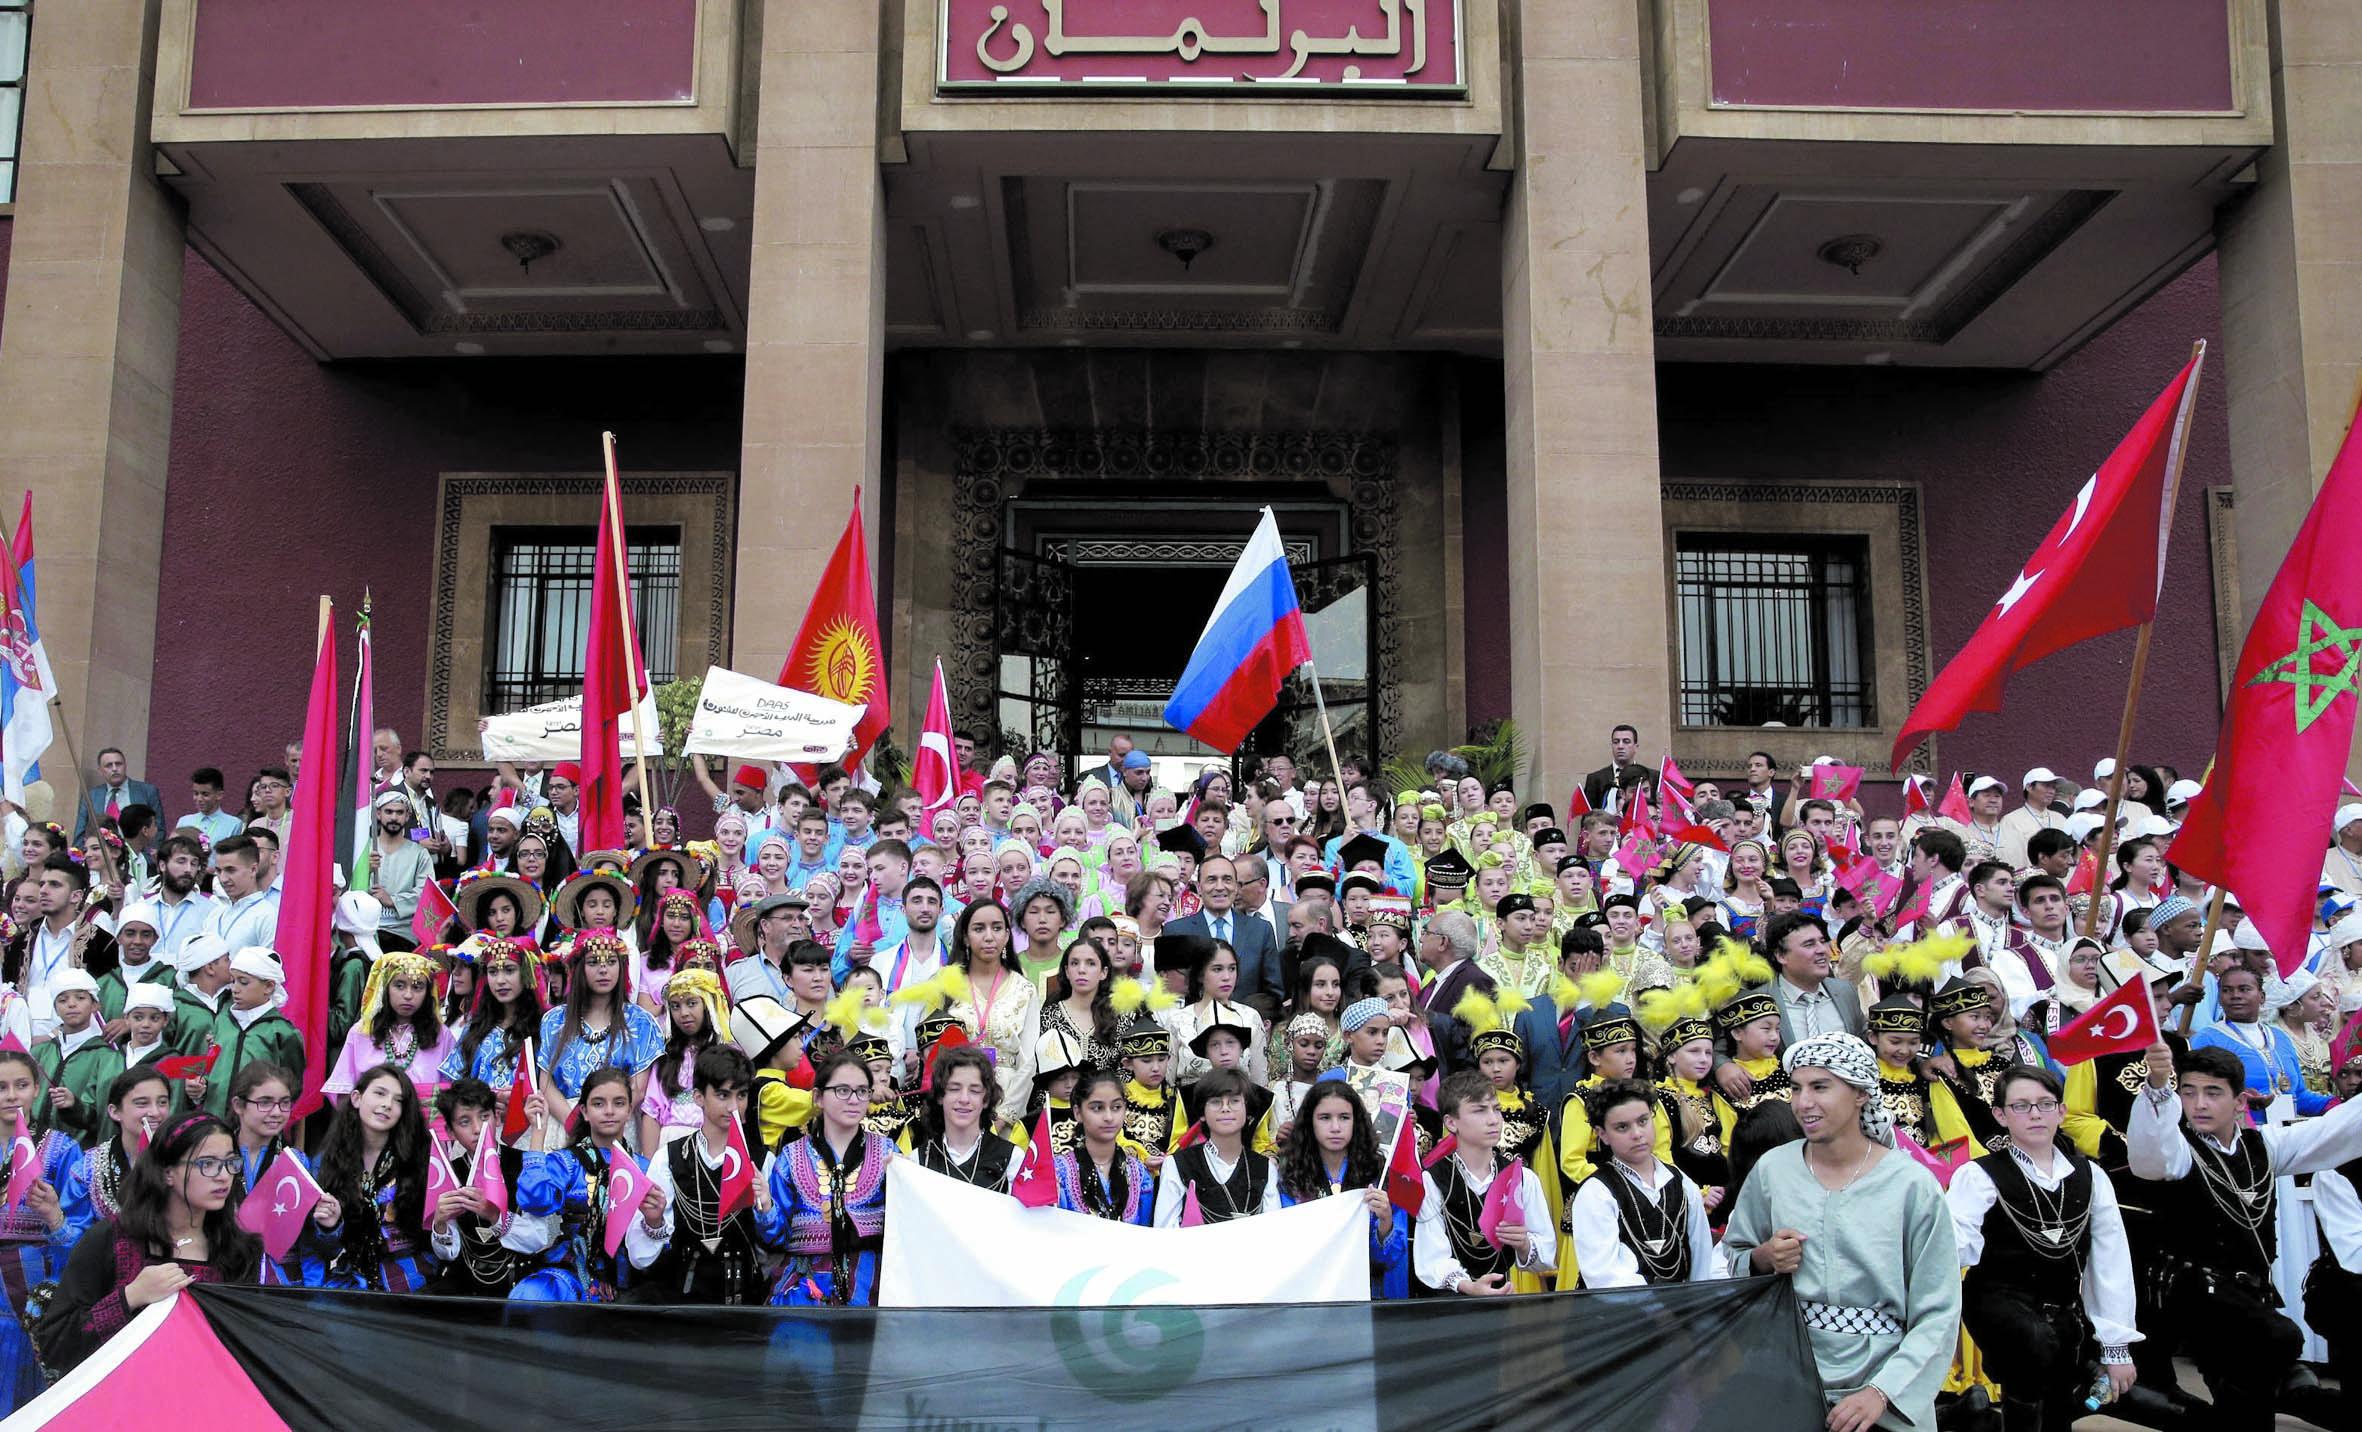 Le président de la Chambre des représentants plaide pour  la promotion de la culture de la paix parmi les générations futures